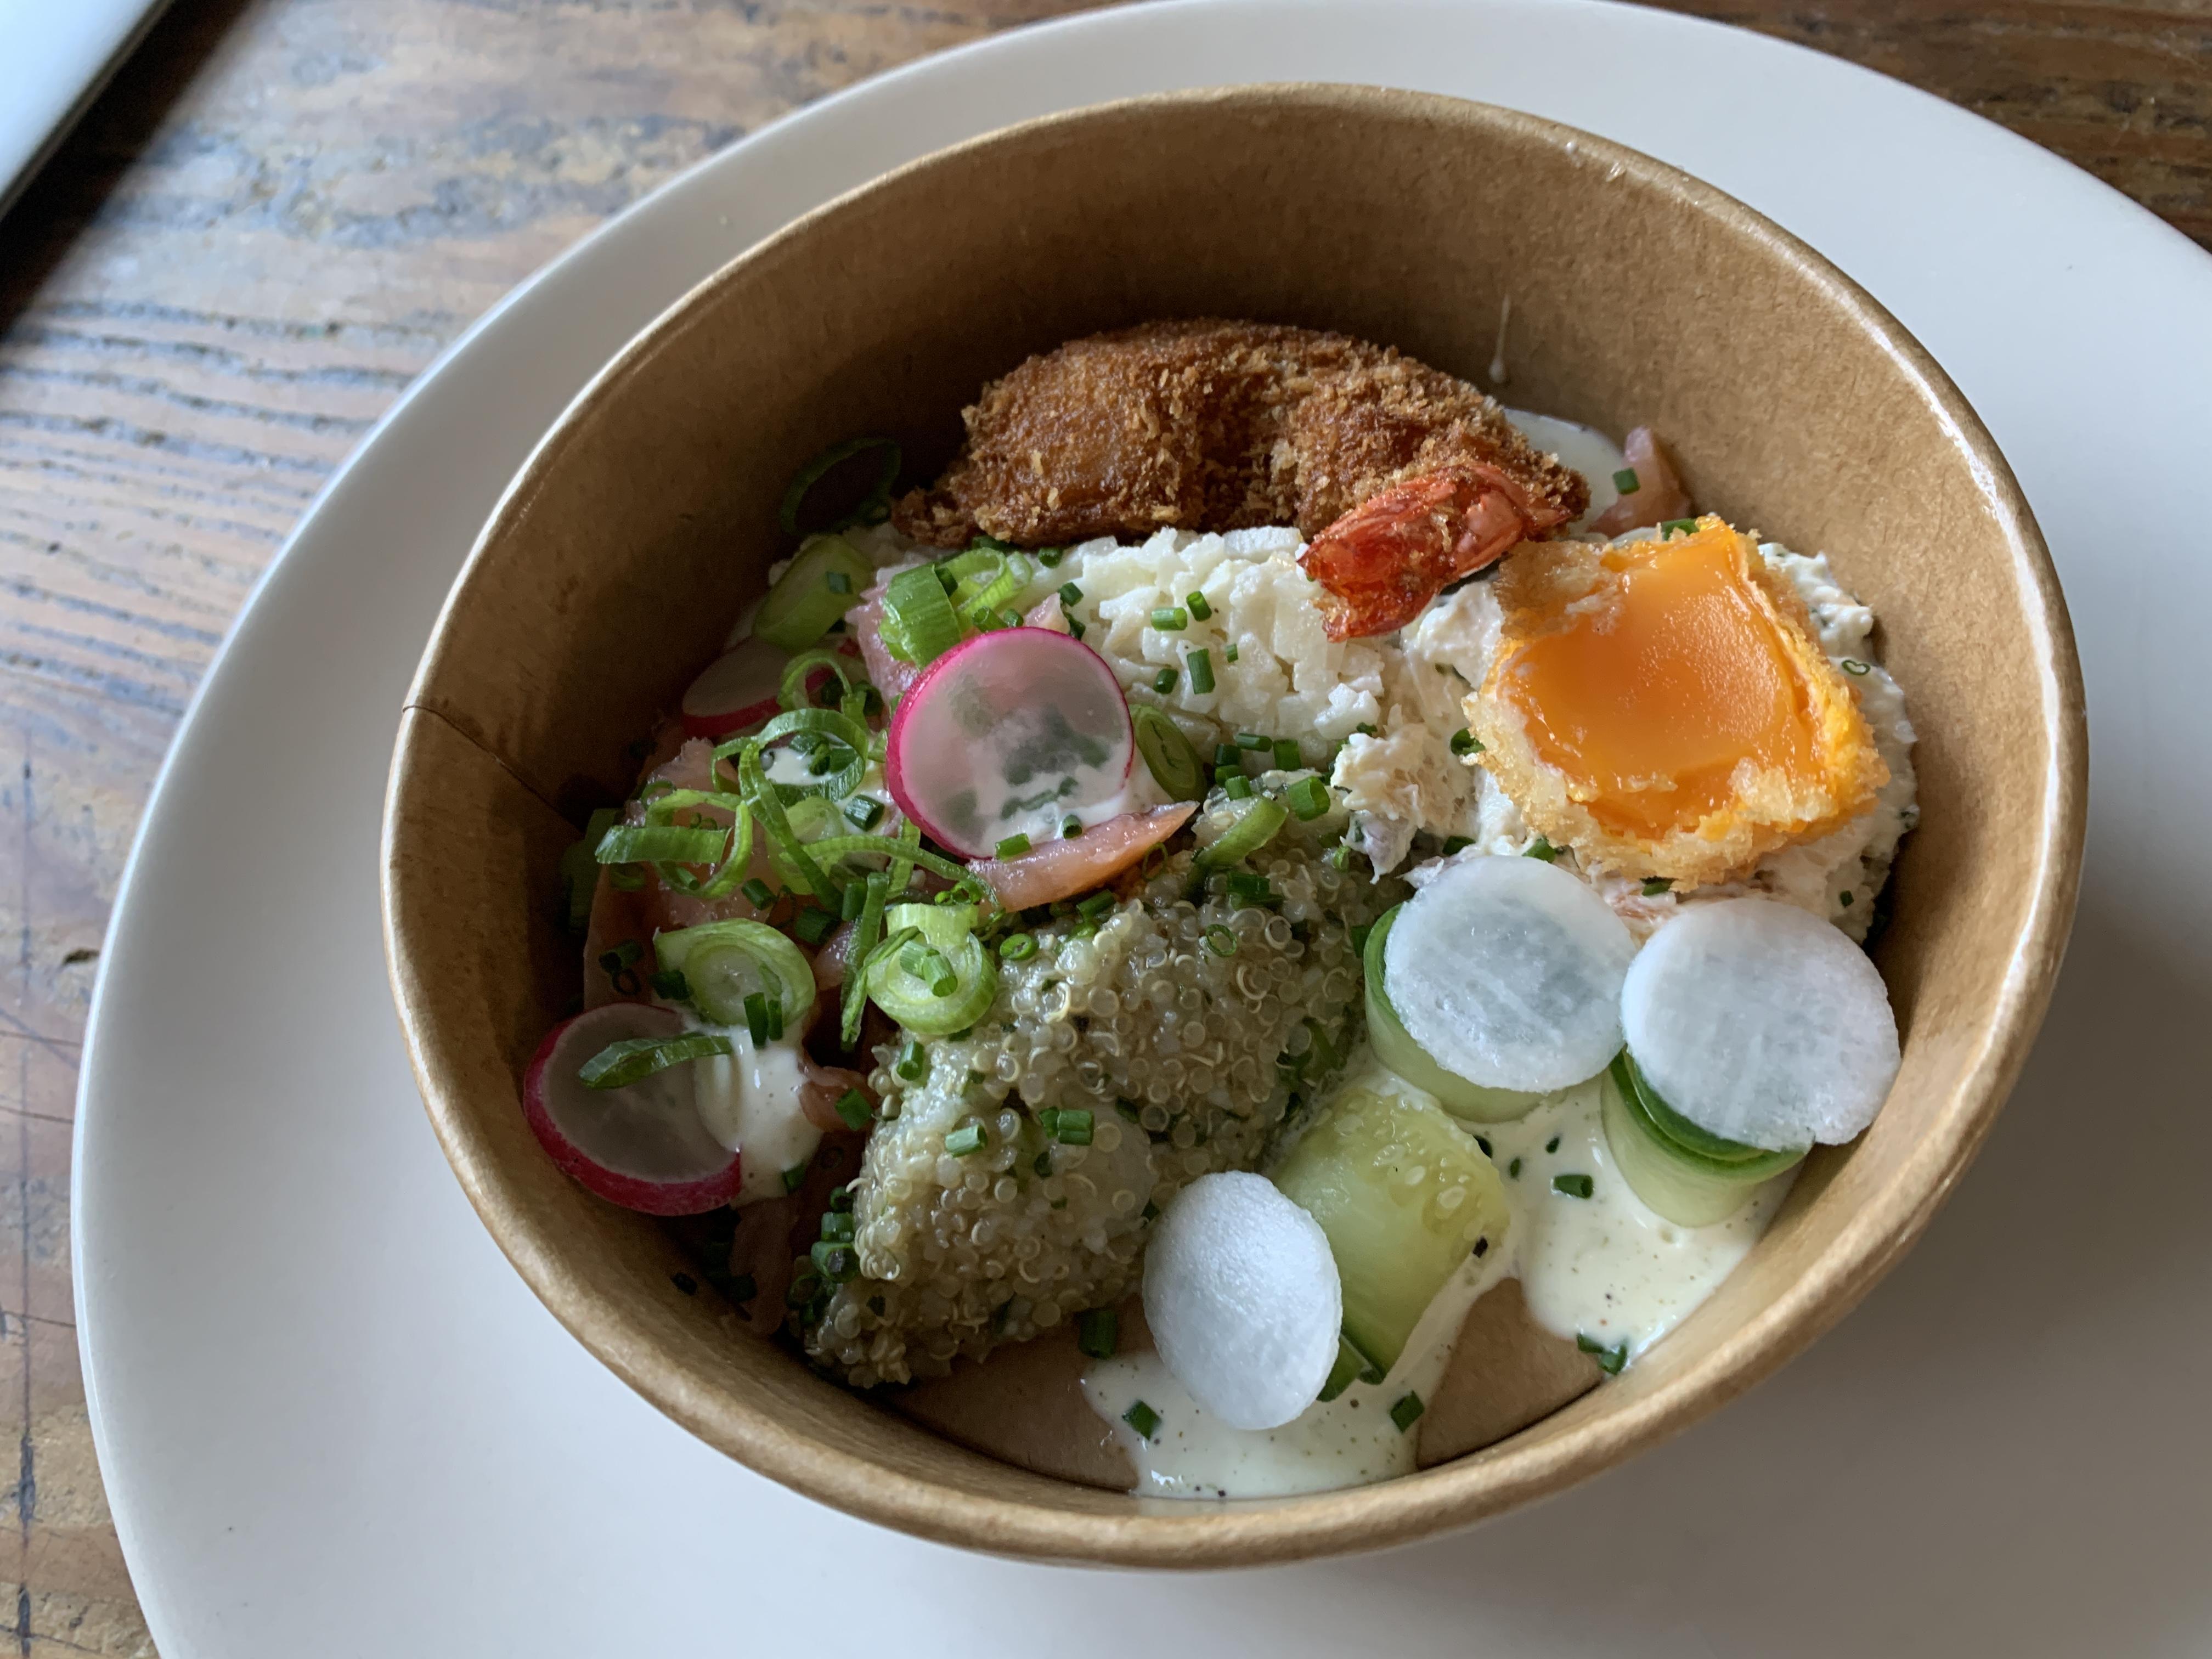 Recensie Over de Tong | Restaurant De Jonker in Oegstgeest laat ons bij het afhalen opnieuw juichen